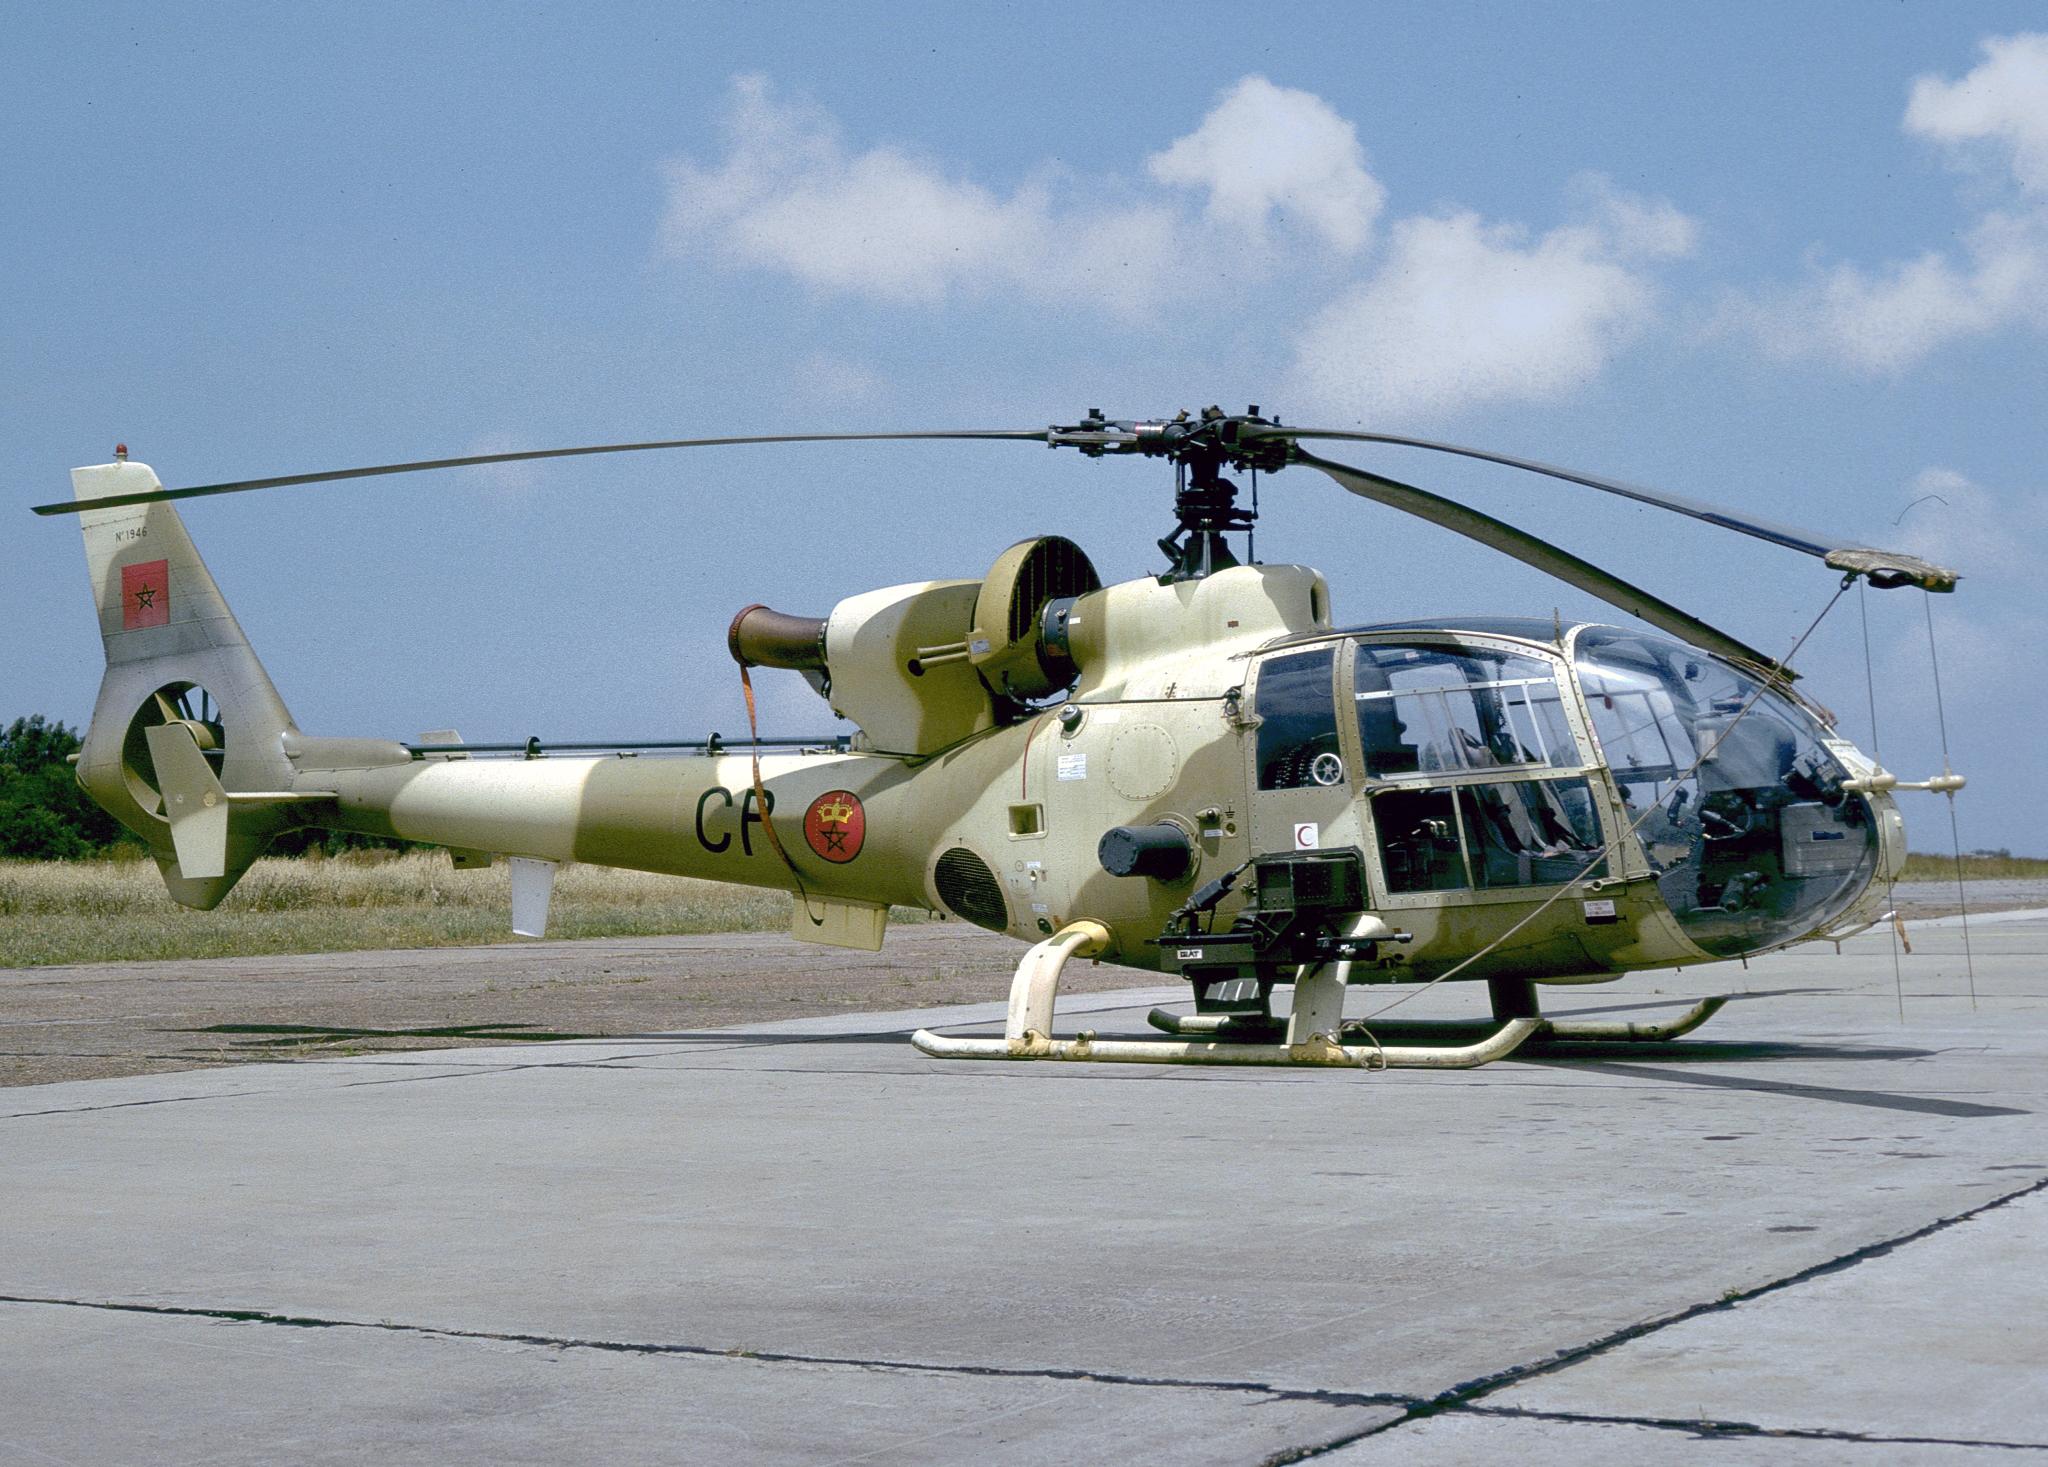 القوات الجوية الملكية المغربية - متجدد - - صفحة 2 160101030241136340